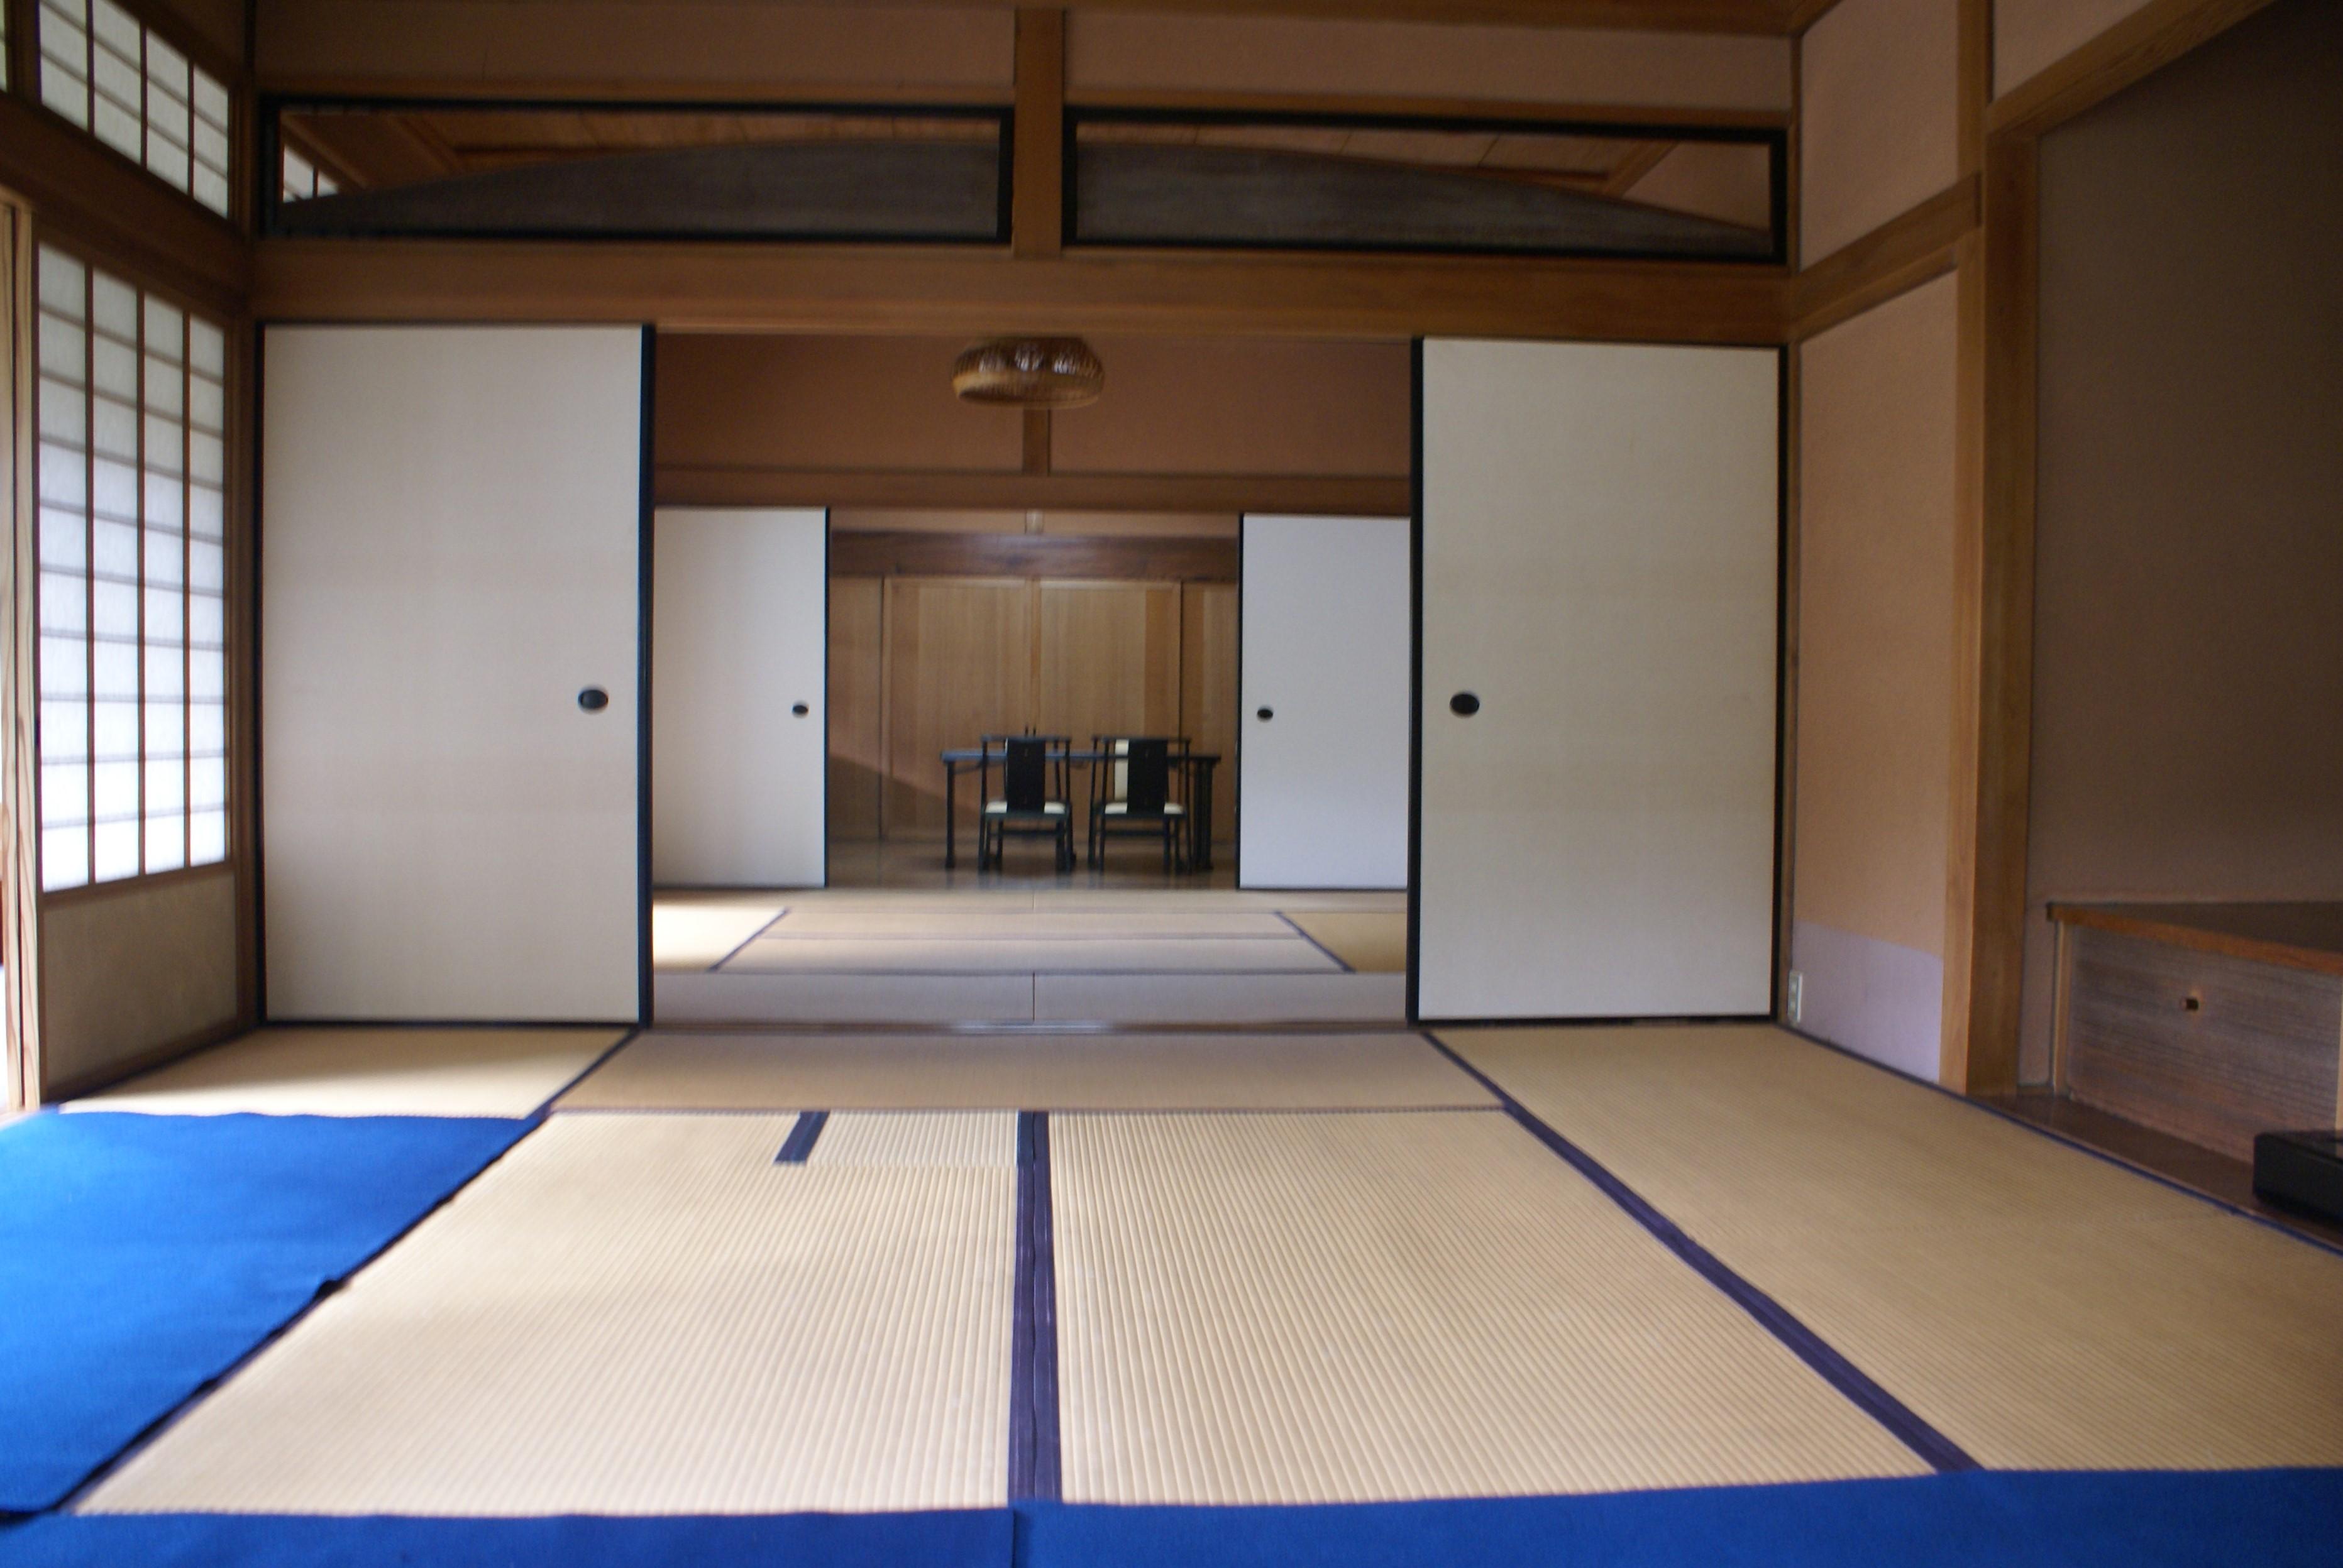 <p>8畳3間続きの広間</p>木材の美しさが際立った桐のくし型板の欄間。奥は8畳の板の間で、格天井とし近代和風的な意匠である。